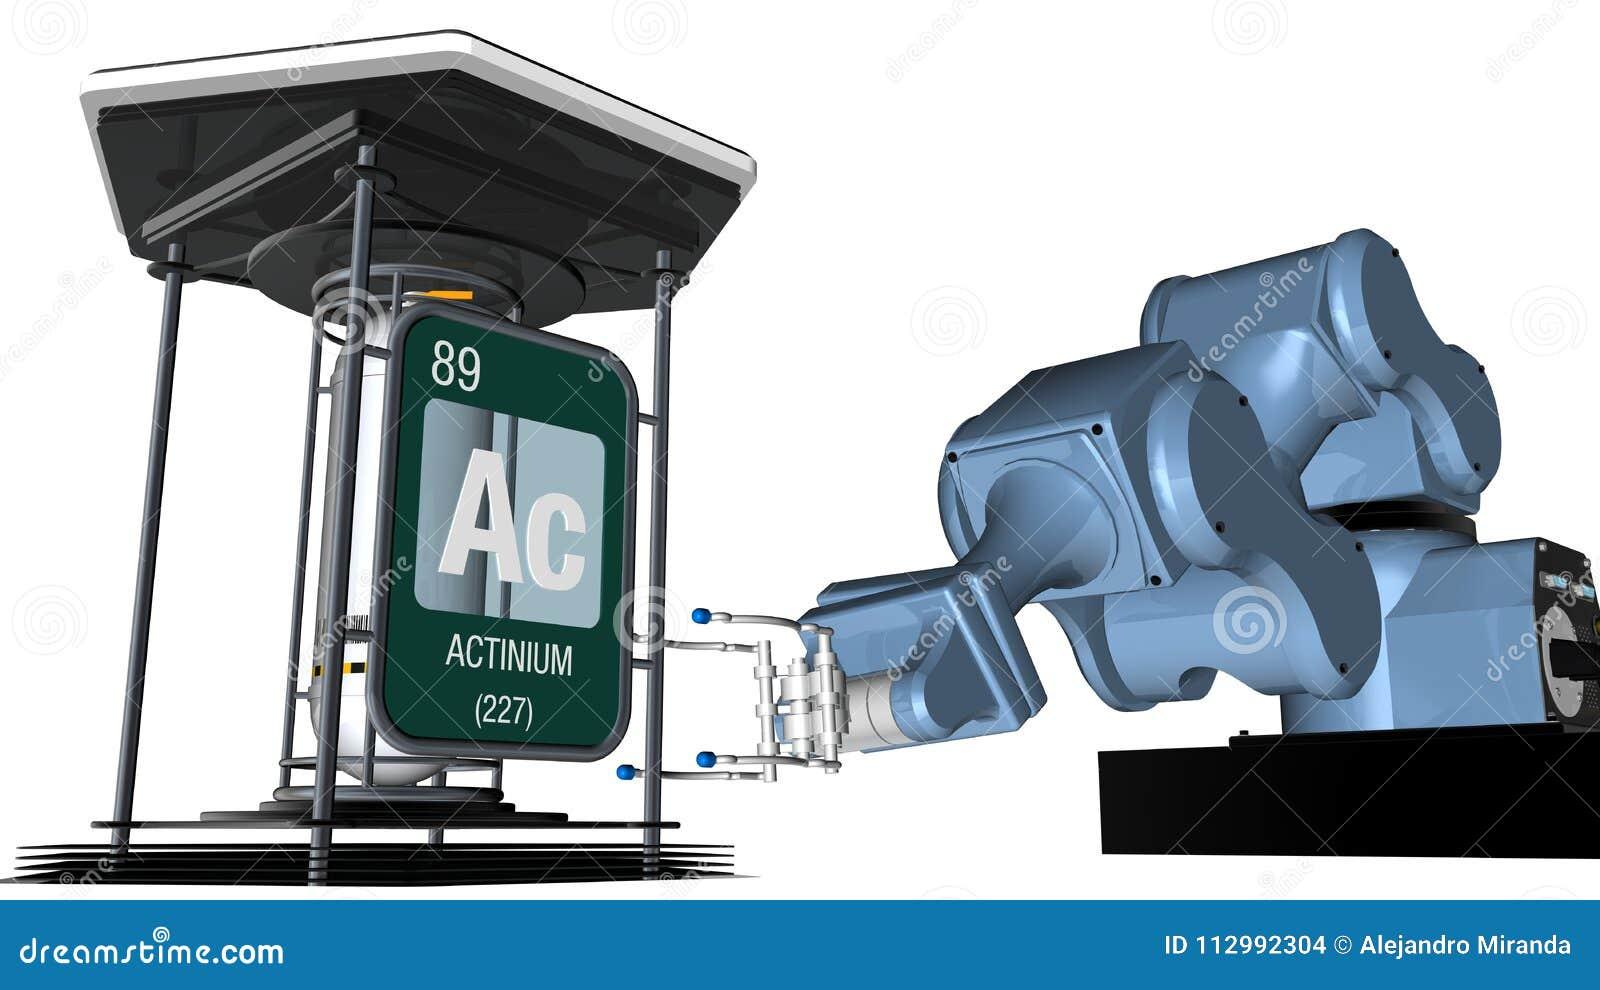 Actinium Symbol In Square Shape With Metallic Edge In Front